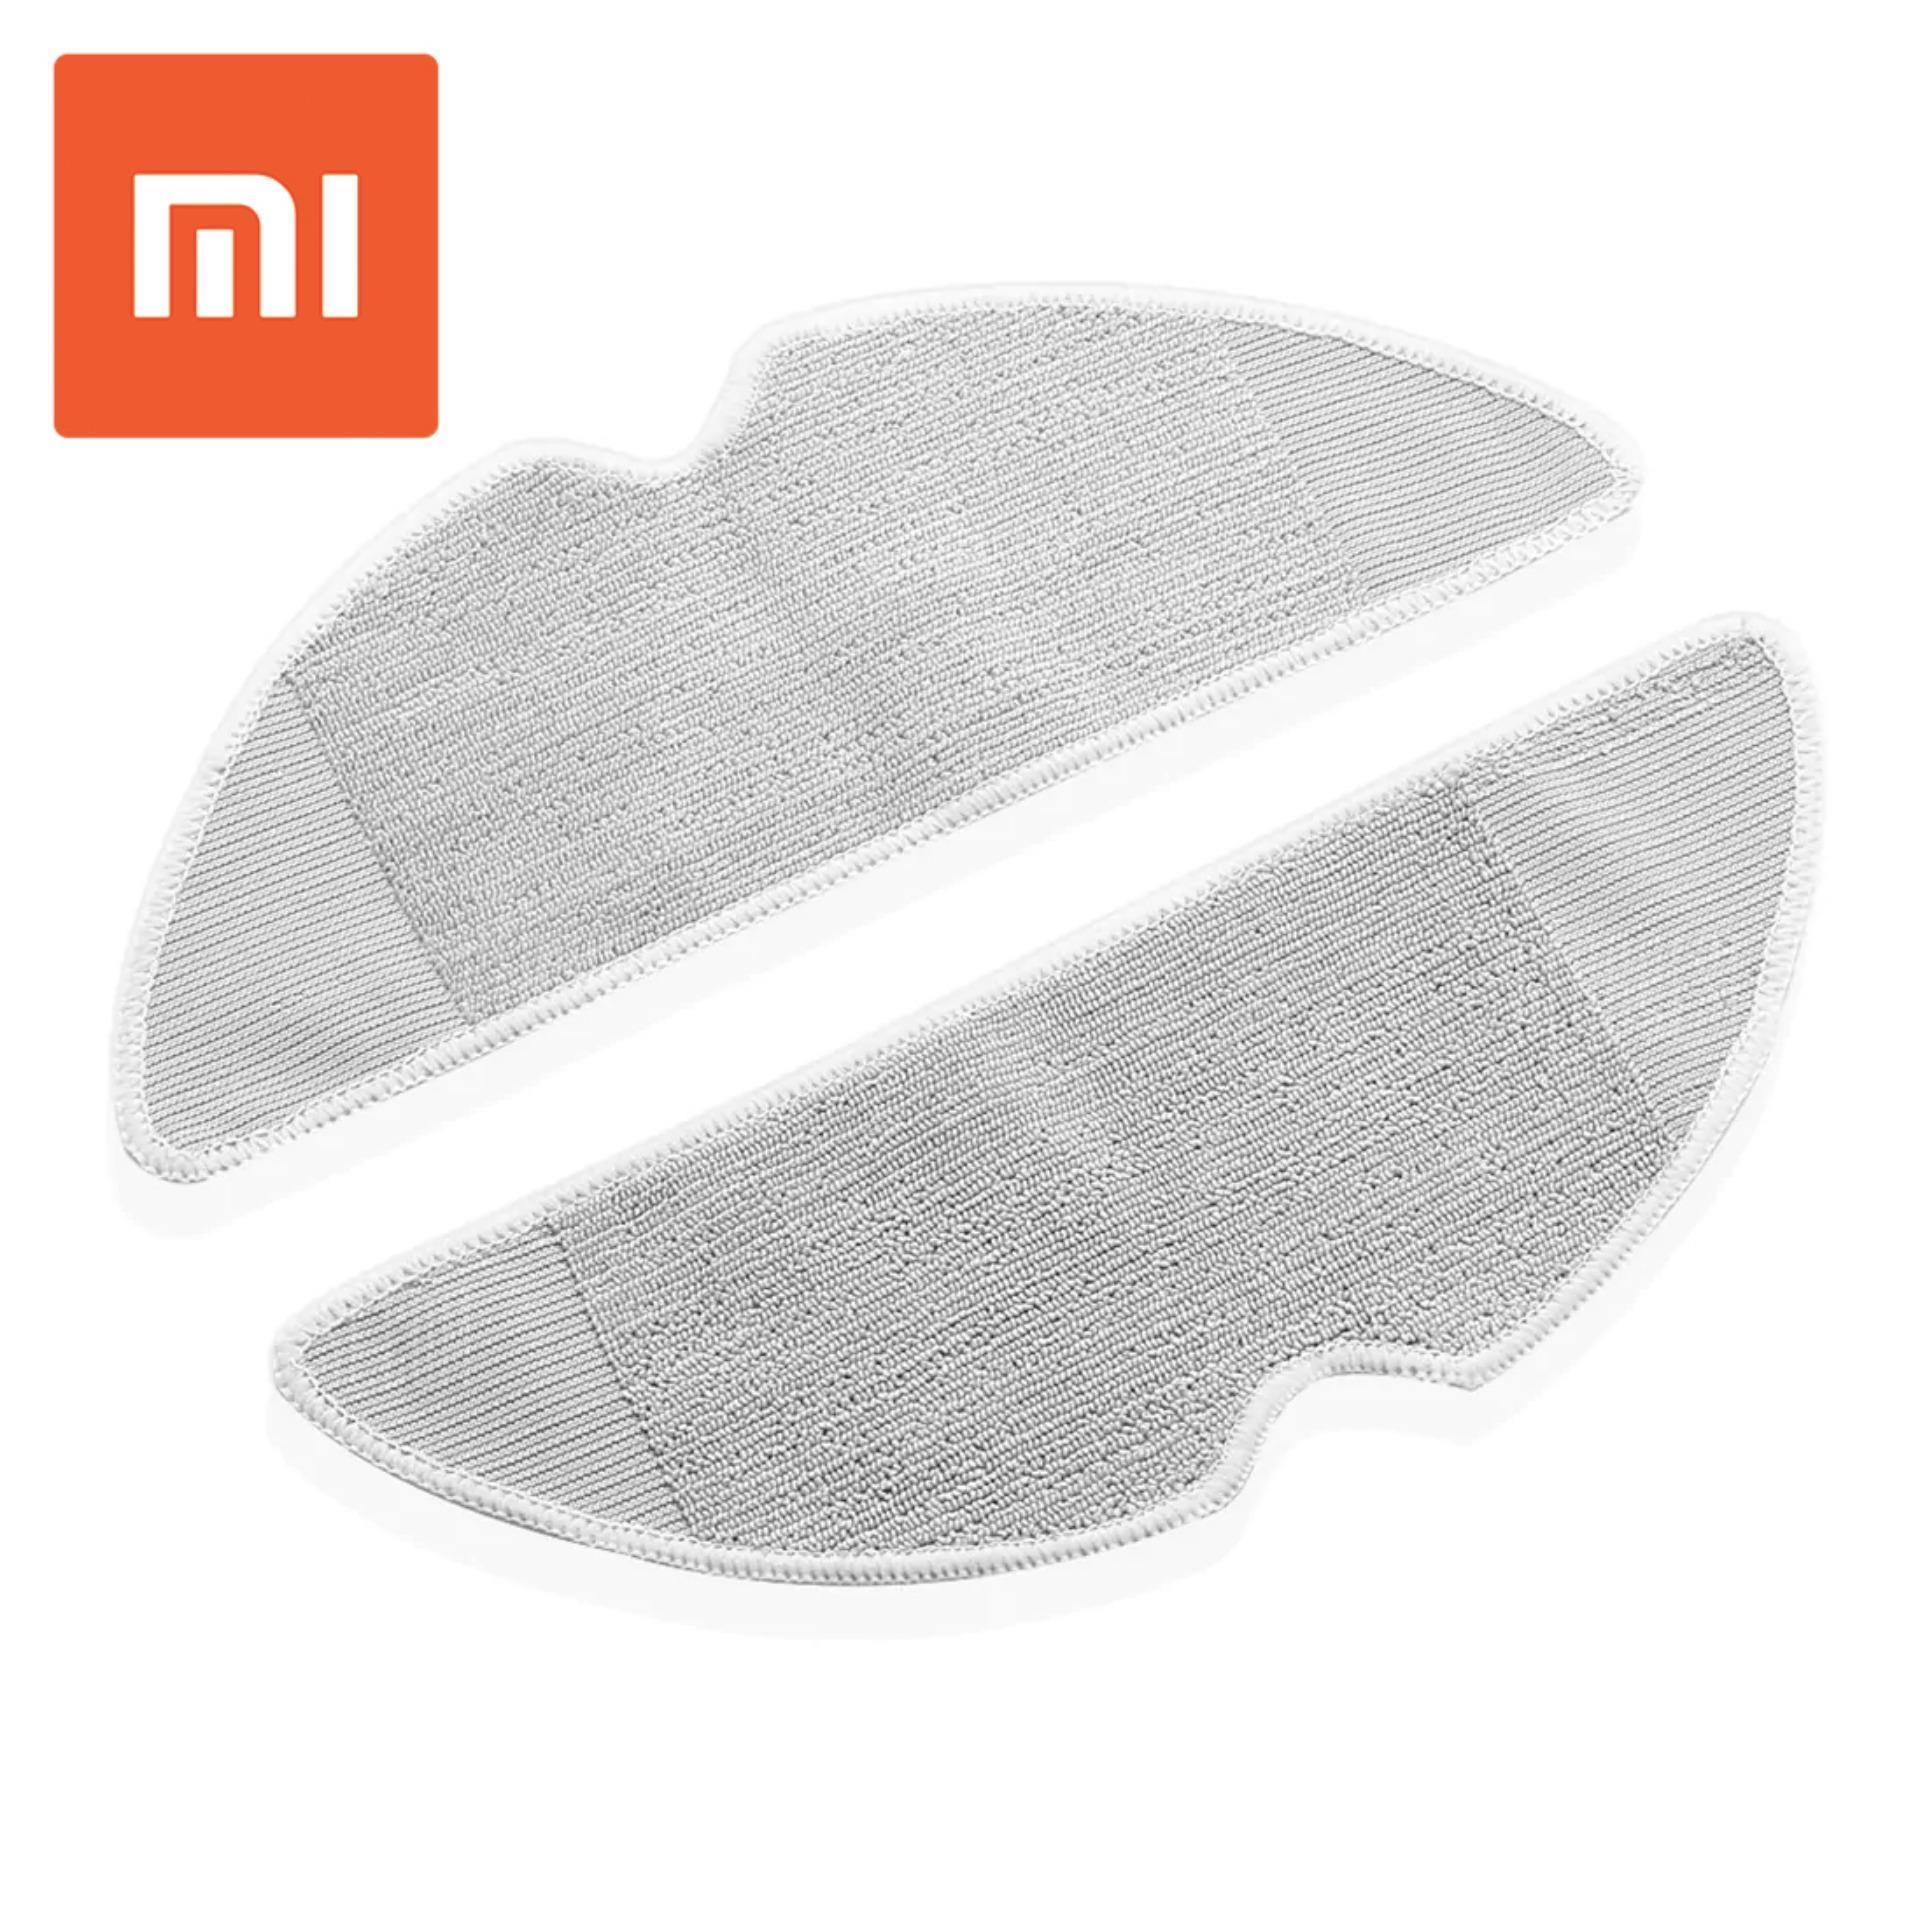 02 Tấm vải thay thế cho Robot hút bụi Xiaomi Roborock S50 và máy tương tự